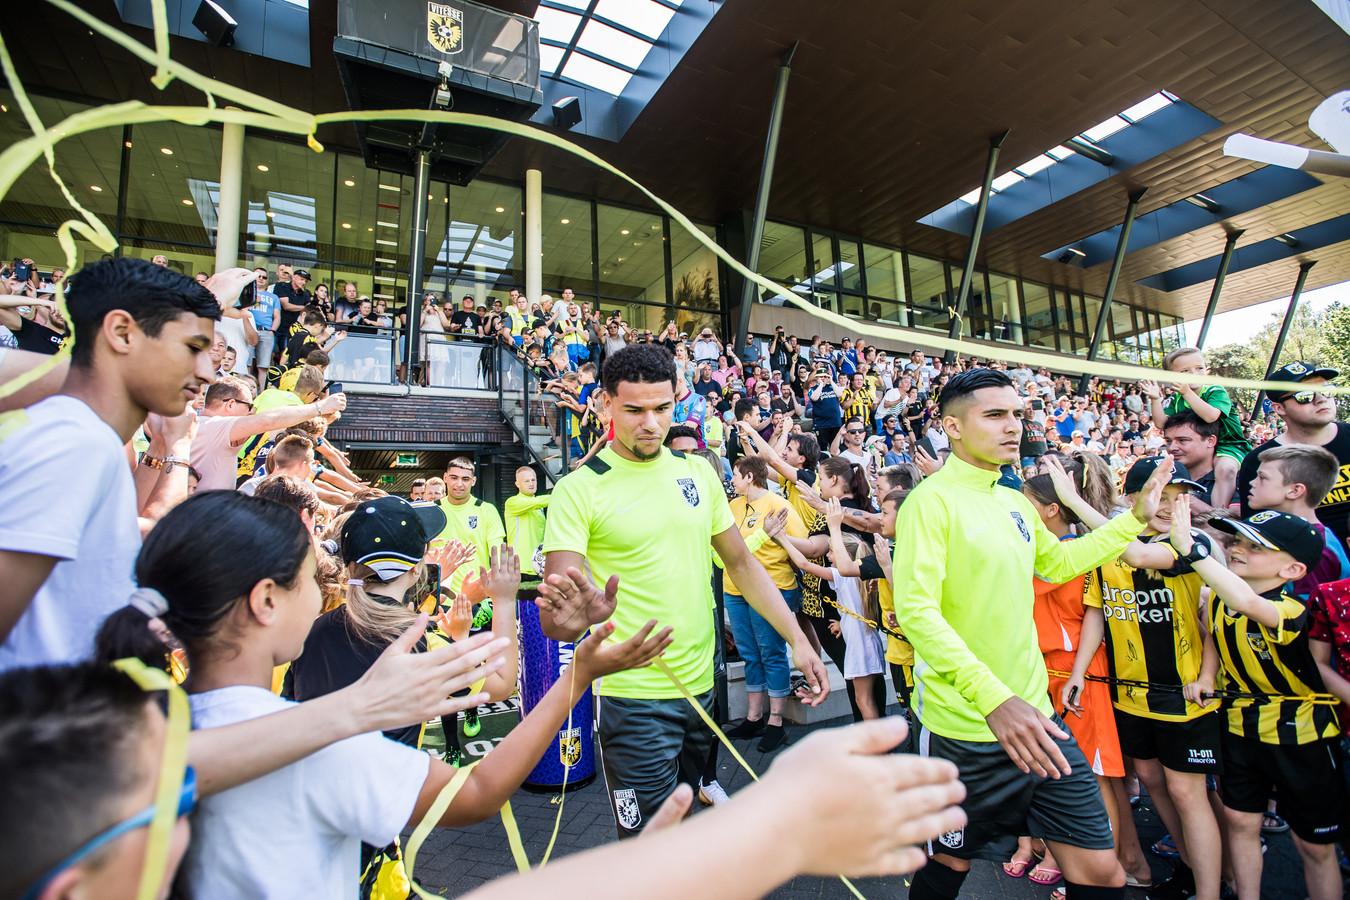 De supporters van Vitesse kunnen hun sterren deze maand in Driel aanschouwen tegen Sivasspor. Het duel met Bayer Leverkusen is besloten voor aanhangers van de Arnhemse club.